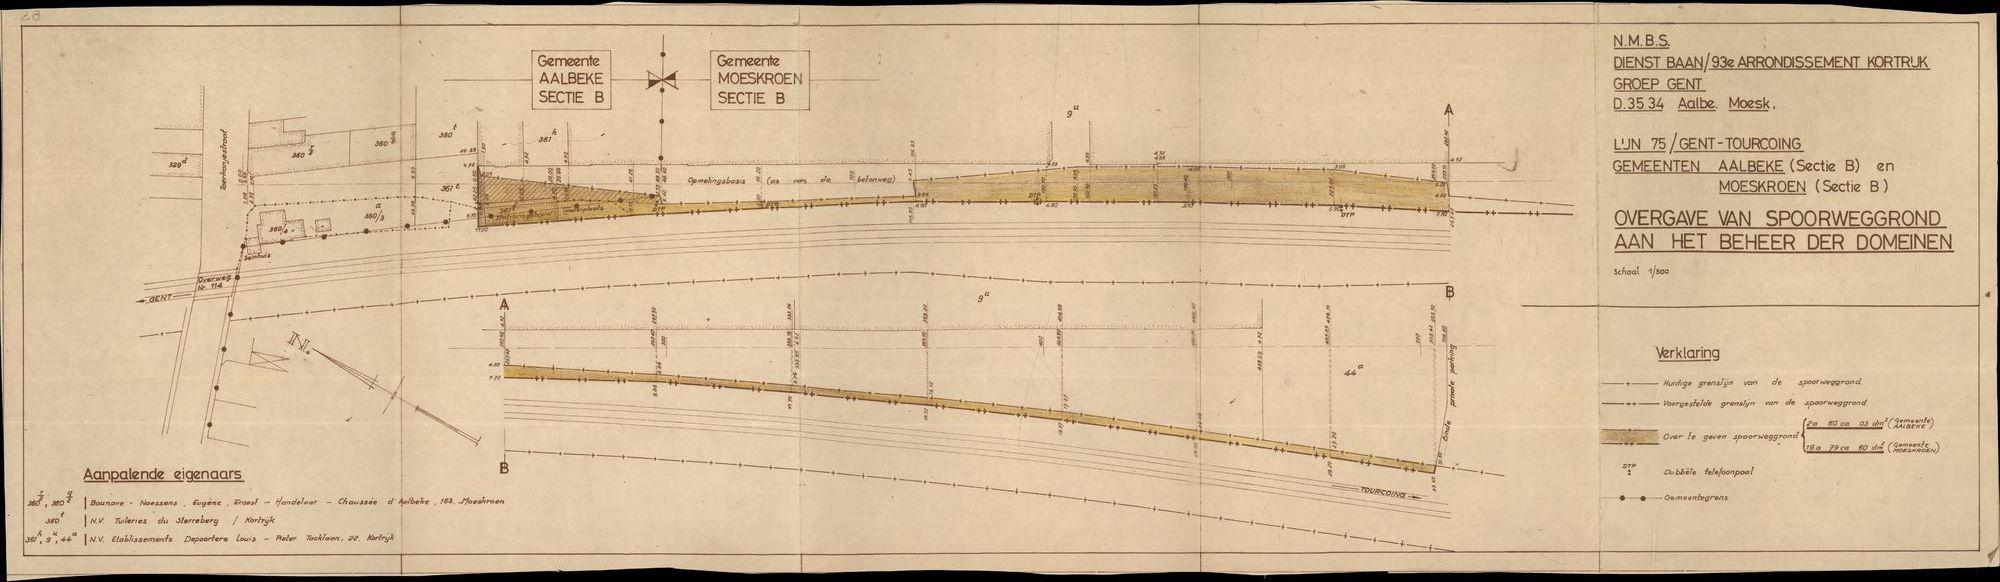 Plattegrond van de overgave van spoorweggrond aan het beheer der domeinen te Aalbeke, 1970